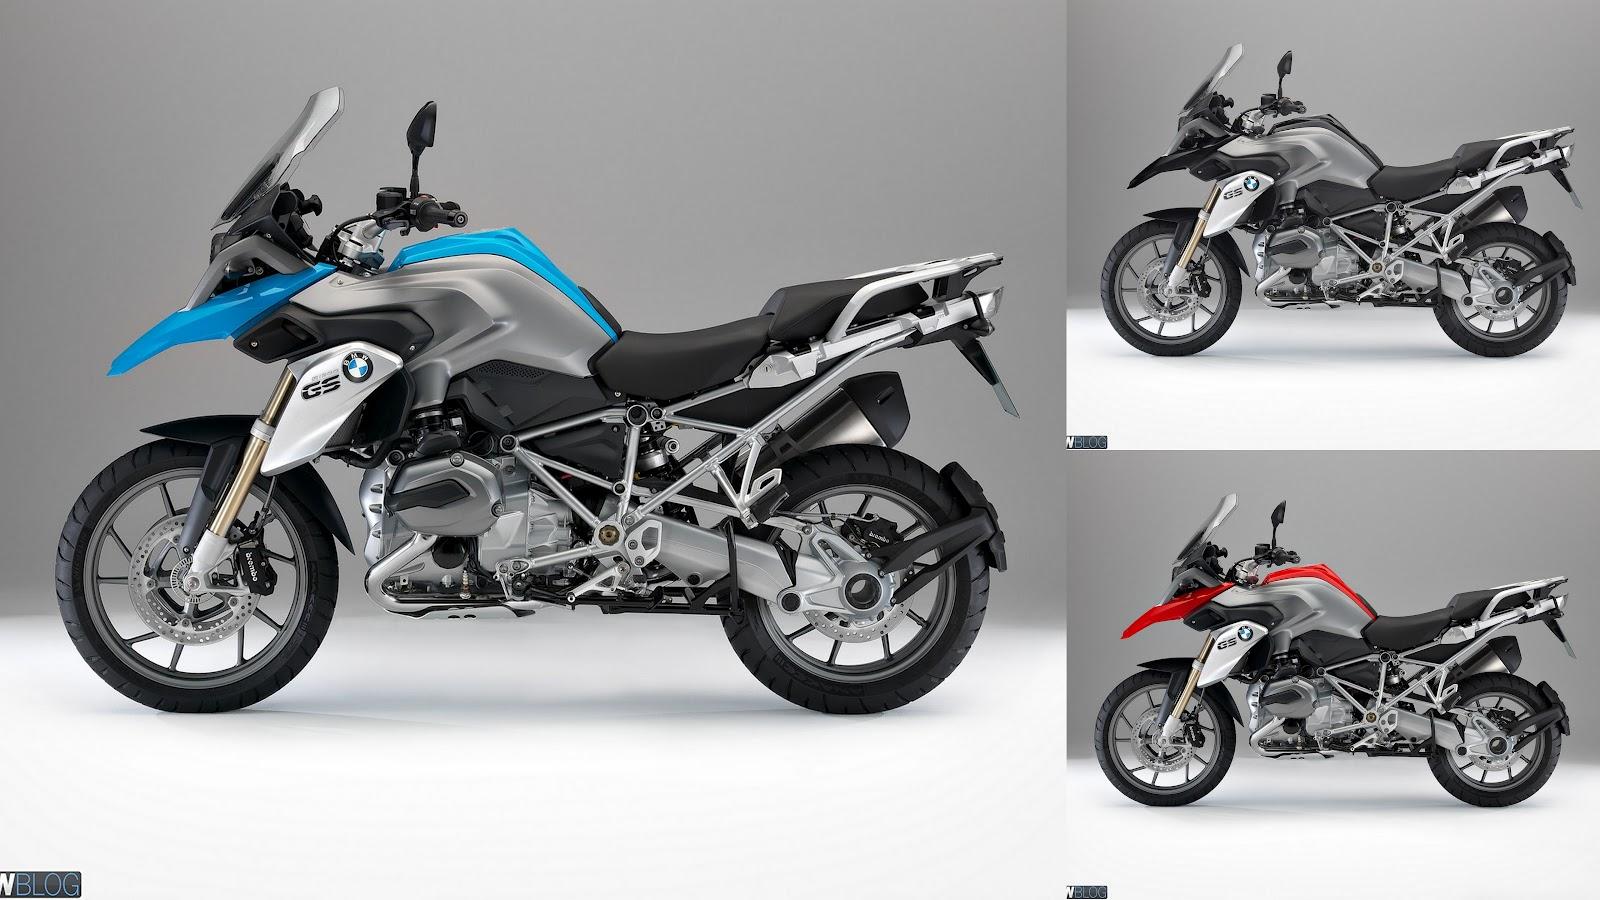 http://2.bp.blogspot.com/-I9ZxX5MpSak/UHKtVrnu5ZI/AAAAAAAAkEQ/6smEZydk544/s1600/2013-BMW-R-1200-GS-New-BMW-R-1200-GS-.jpg